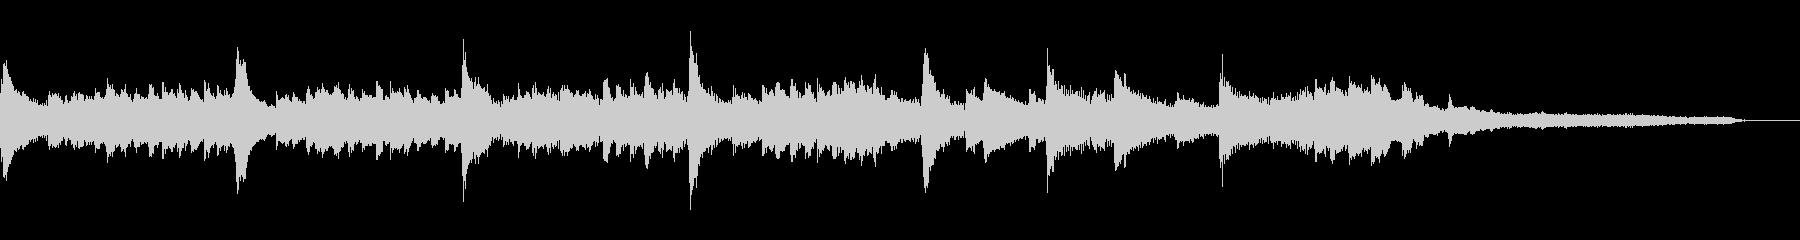 冷たい和風ジングル55-ピアノソロの未再生の波形